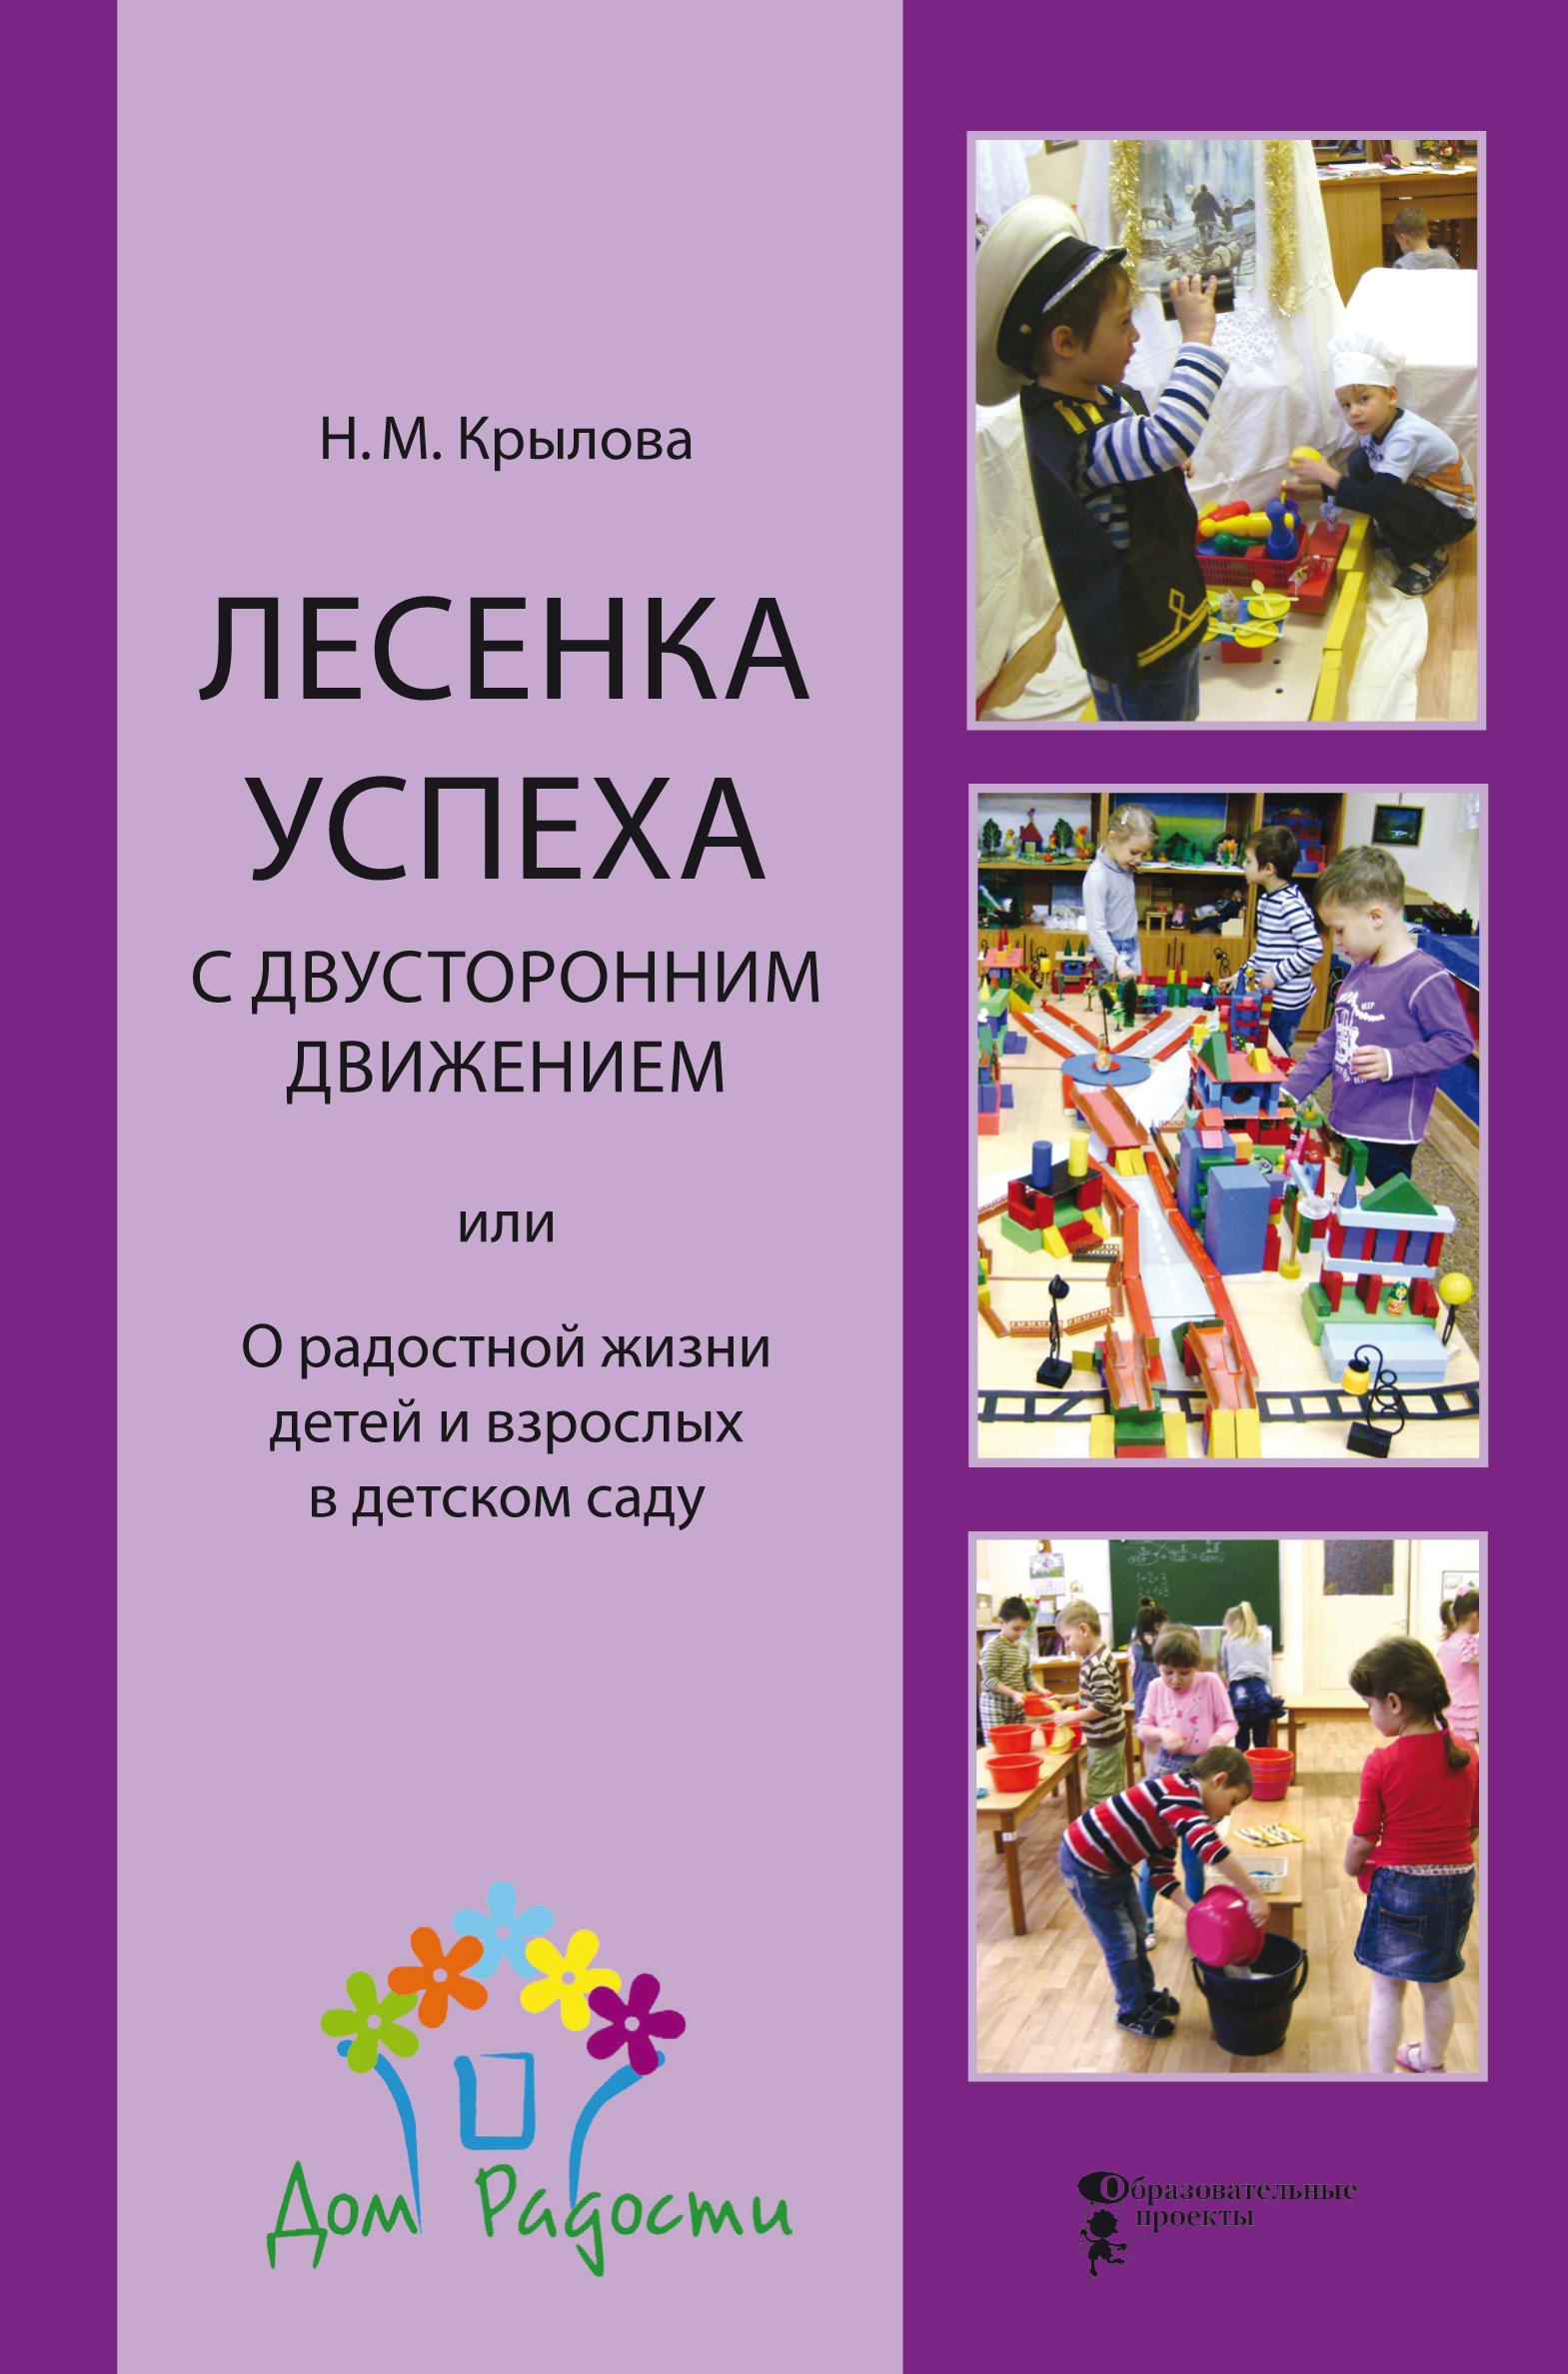 Н. М. Крылова Лесенка успеха с двусторонним движением, или О радостной жизни детей и взрослых в детском саду